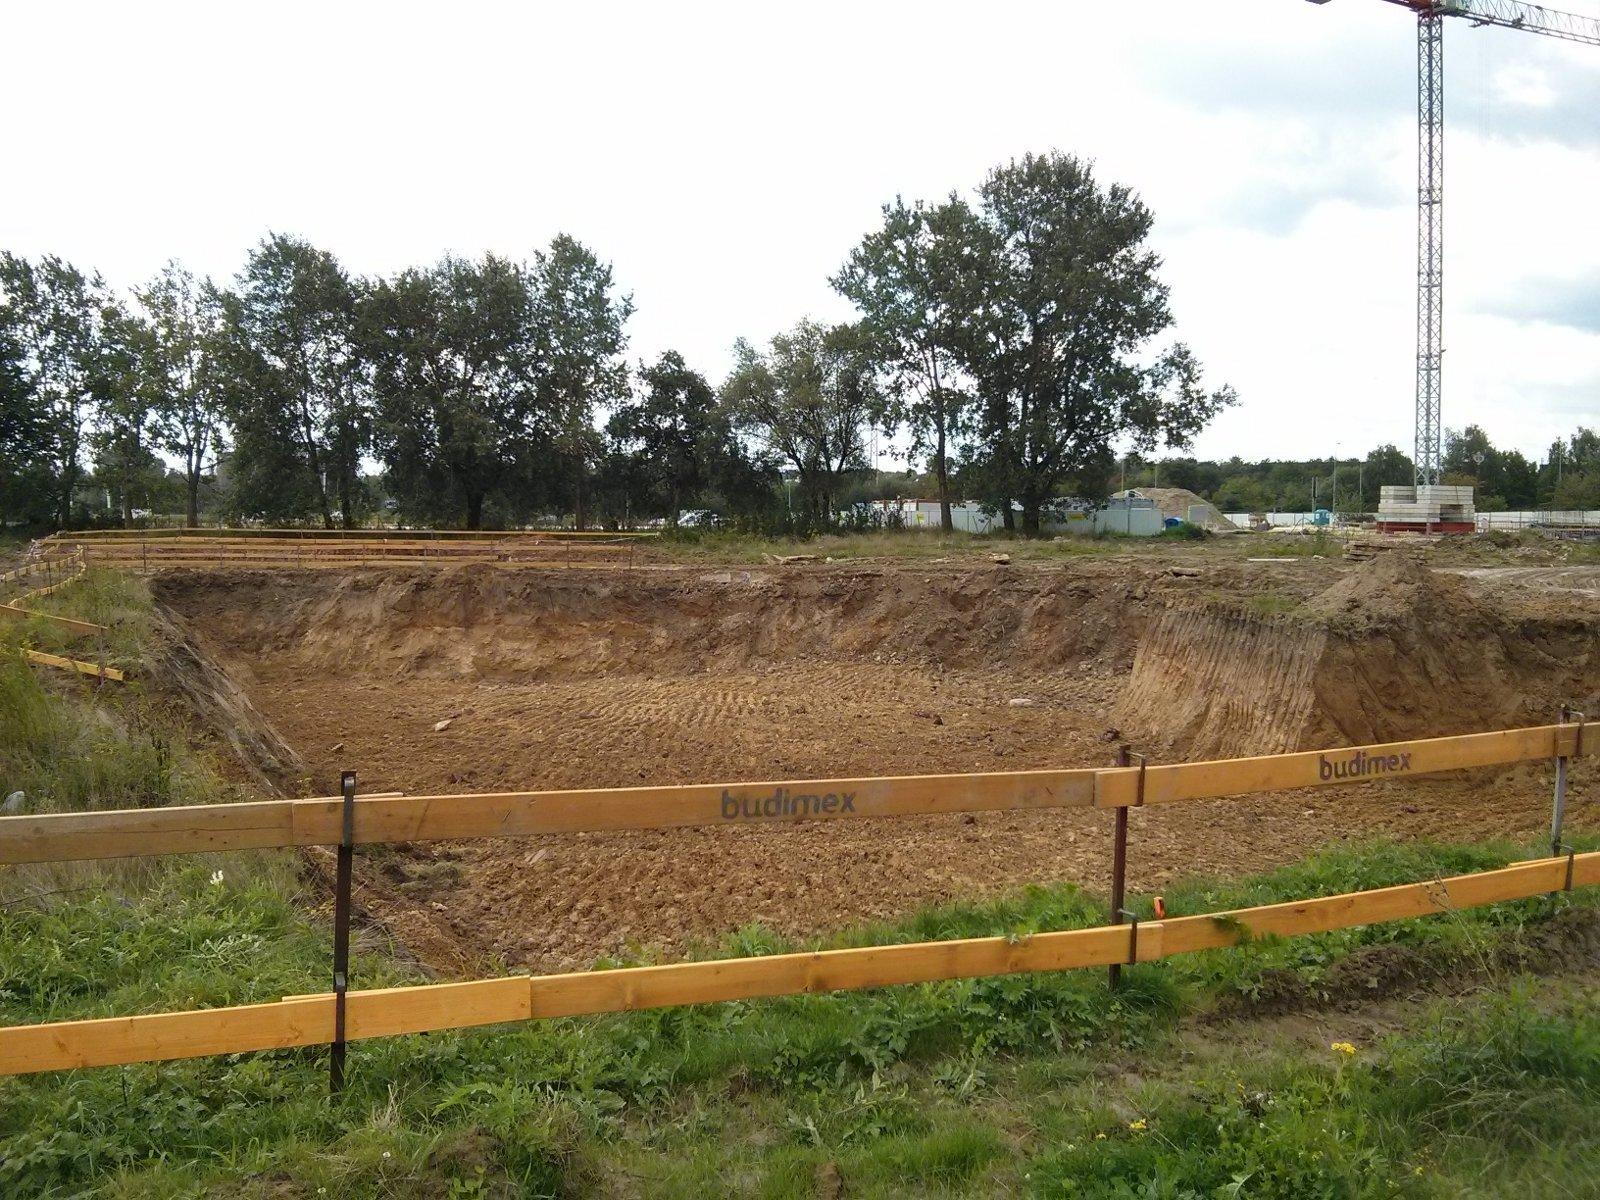 Avia 4, Orlińskiego 6 - plac budowy osiedla